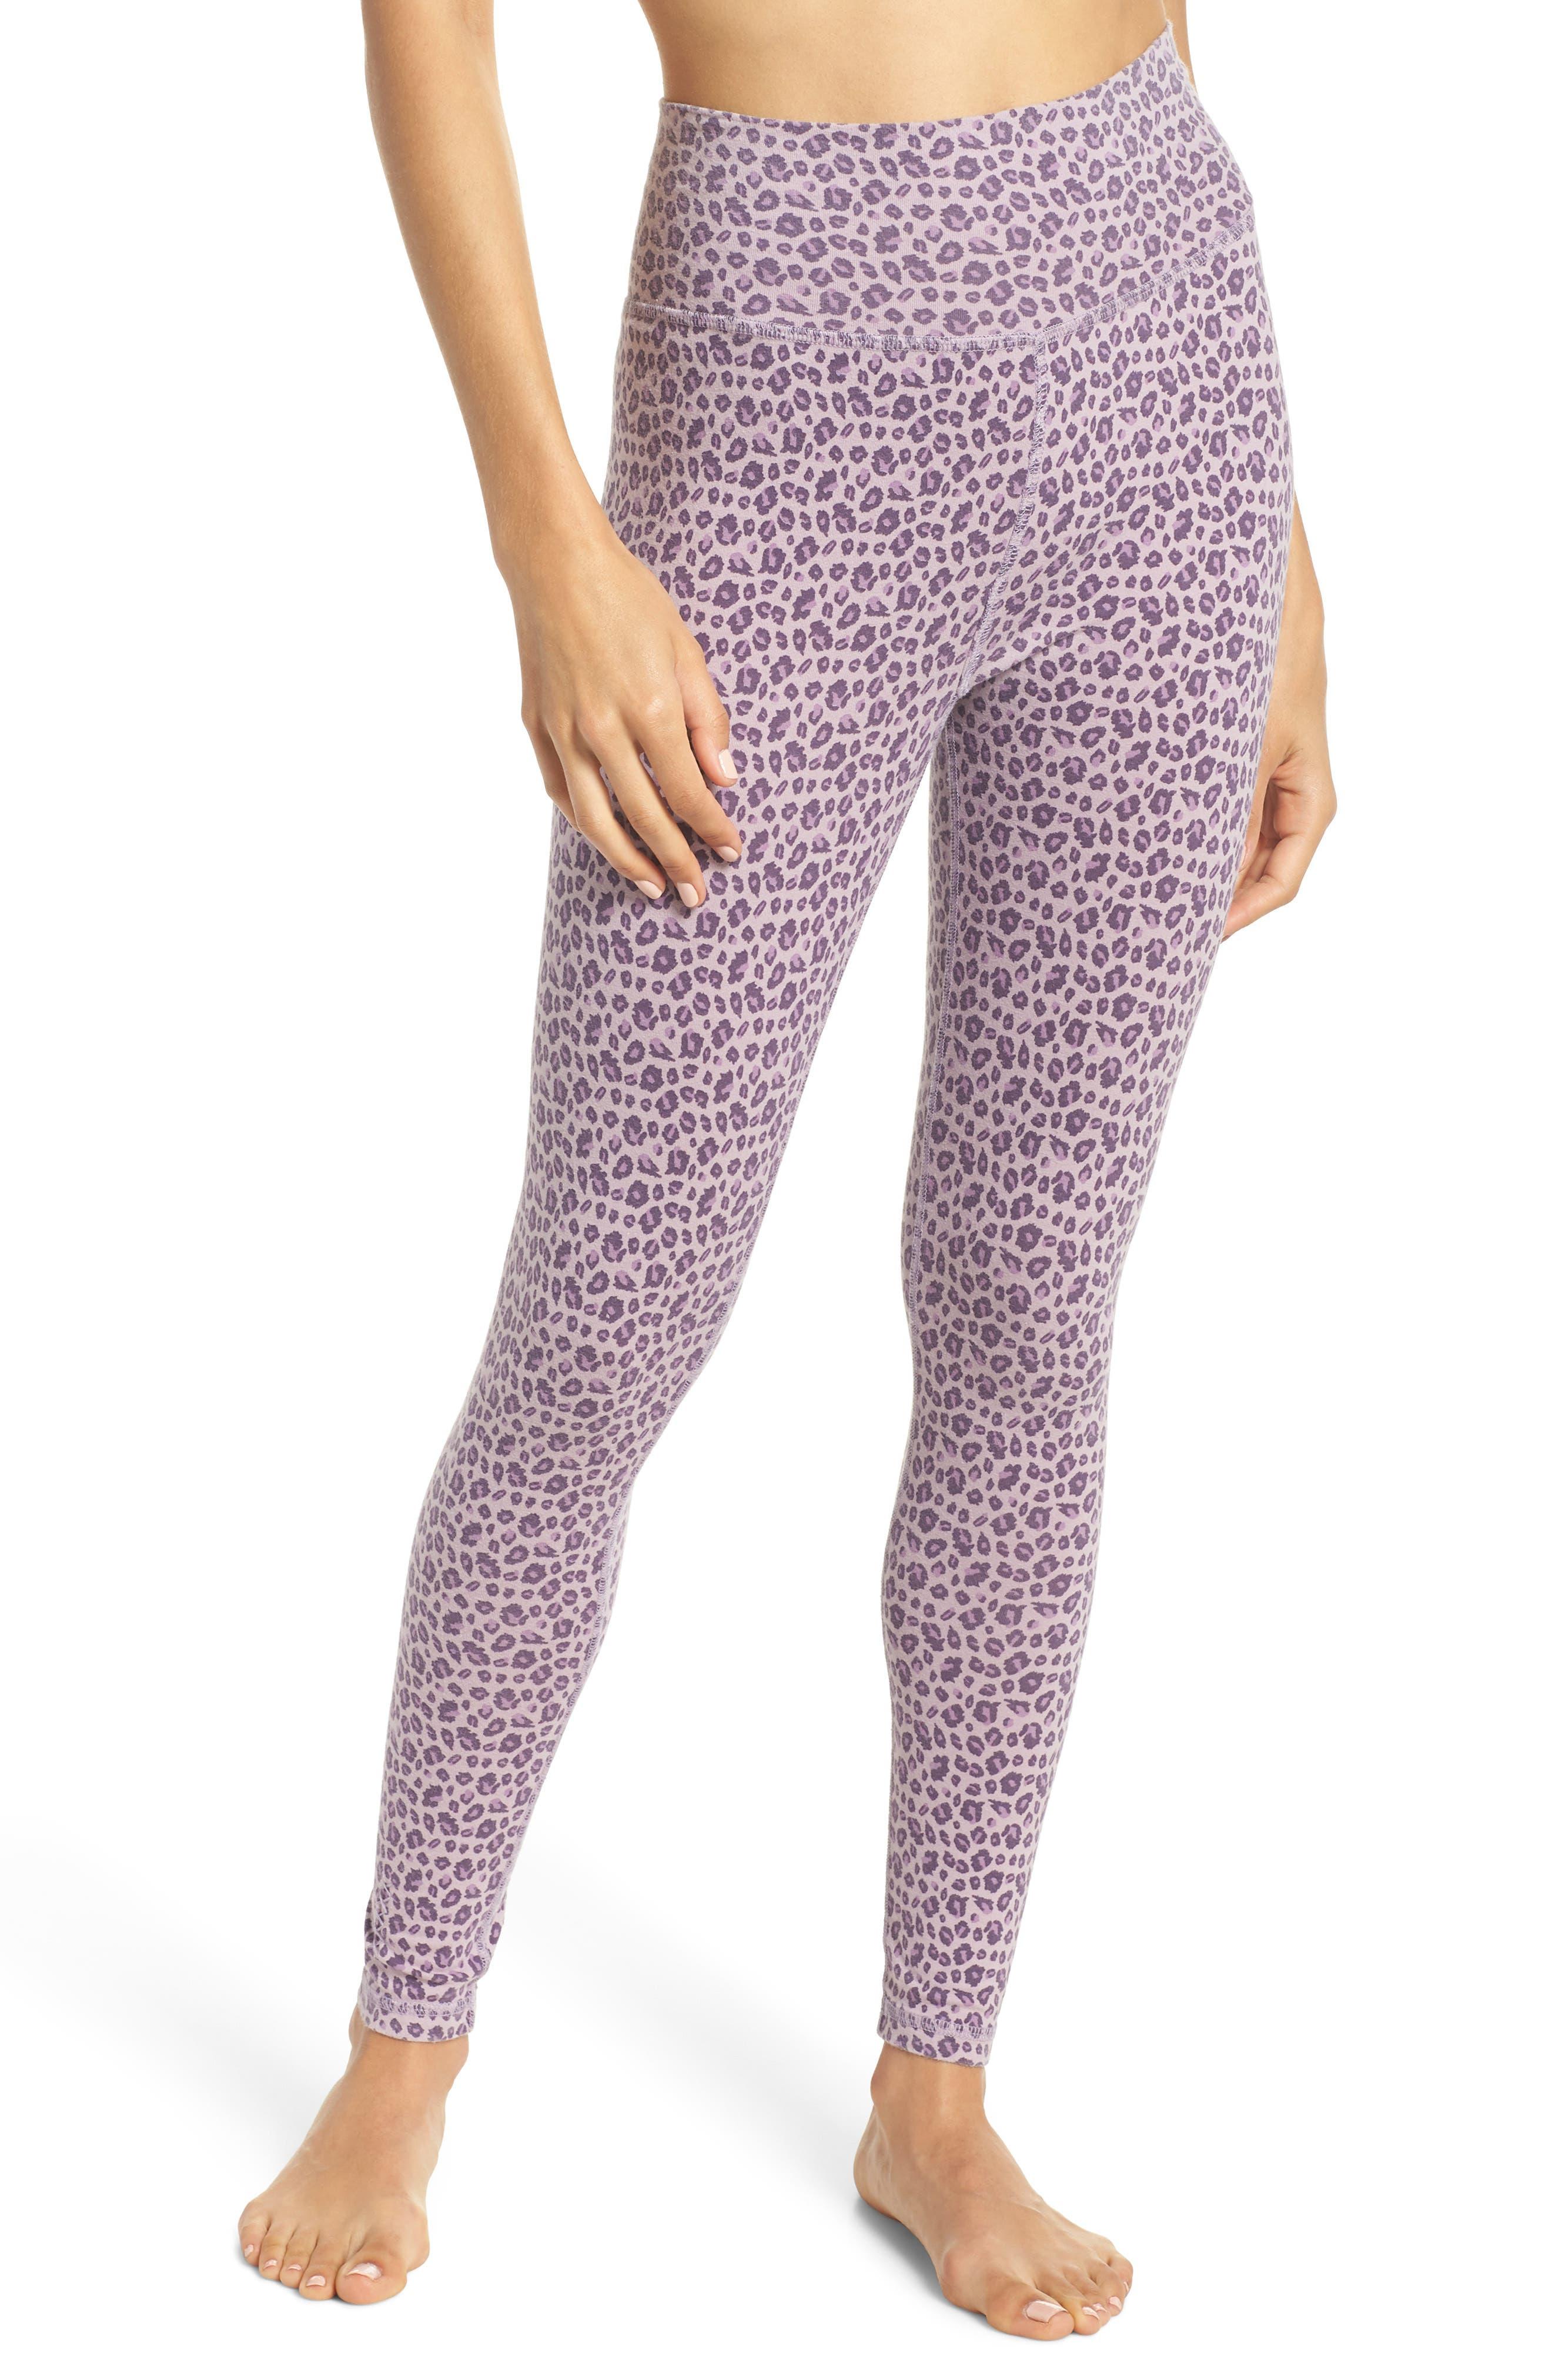 Leopard Print Leggings,                         Main,                         color, LILAC LEOPARD